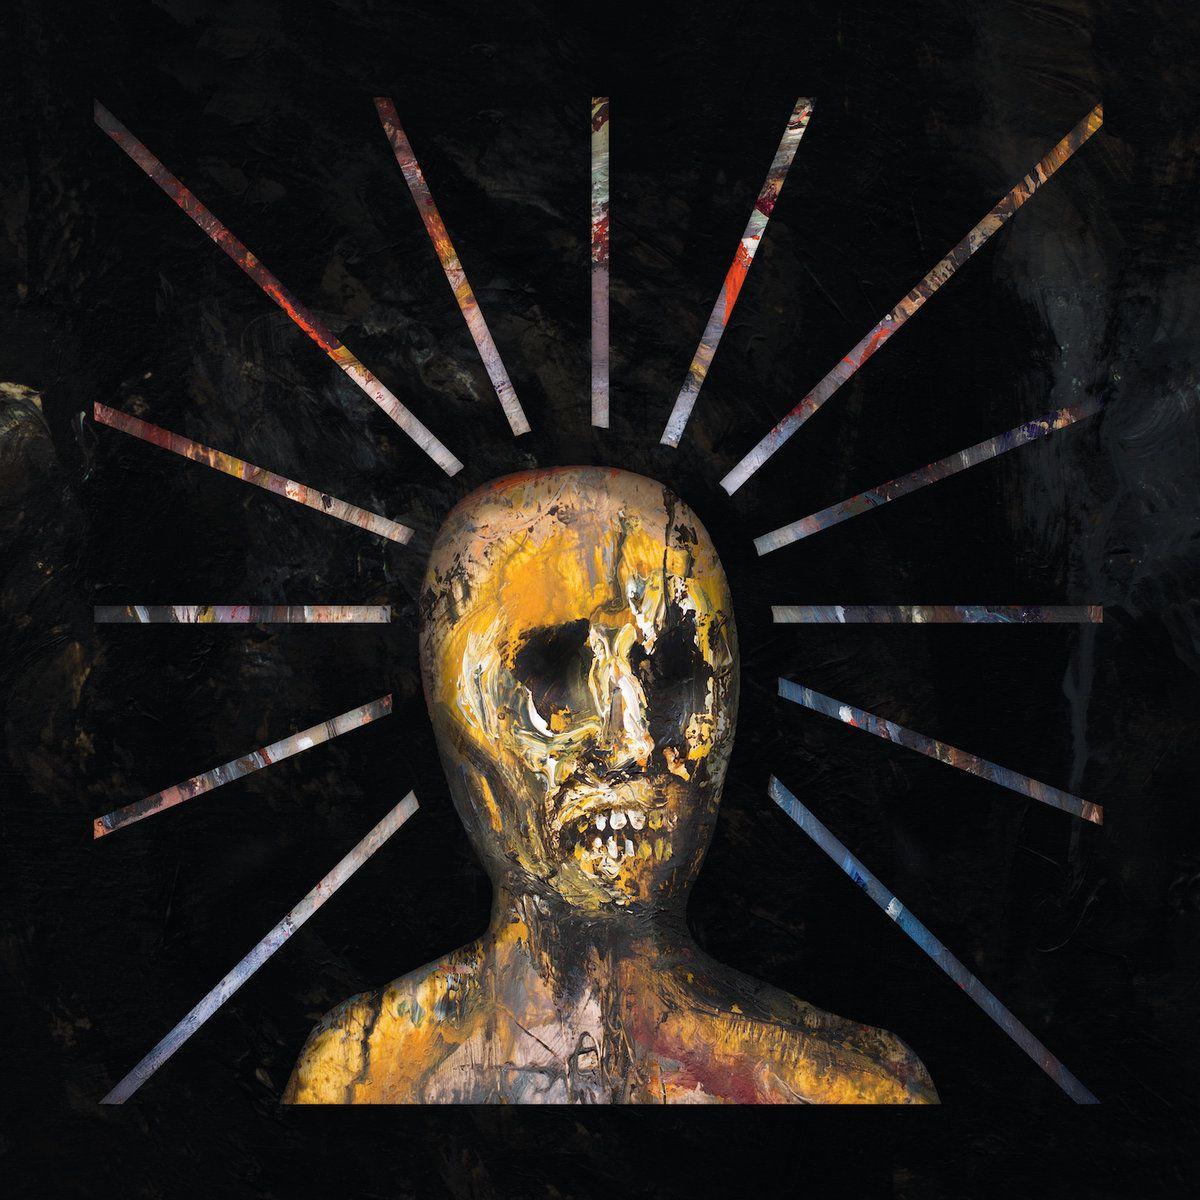 Chronique de l'album de END 'Splinters From An Ever-Changing Face'